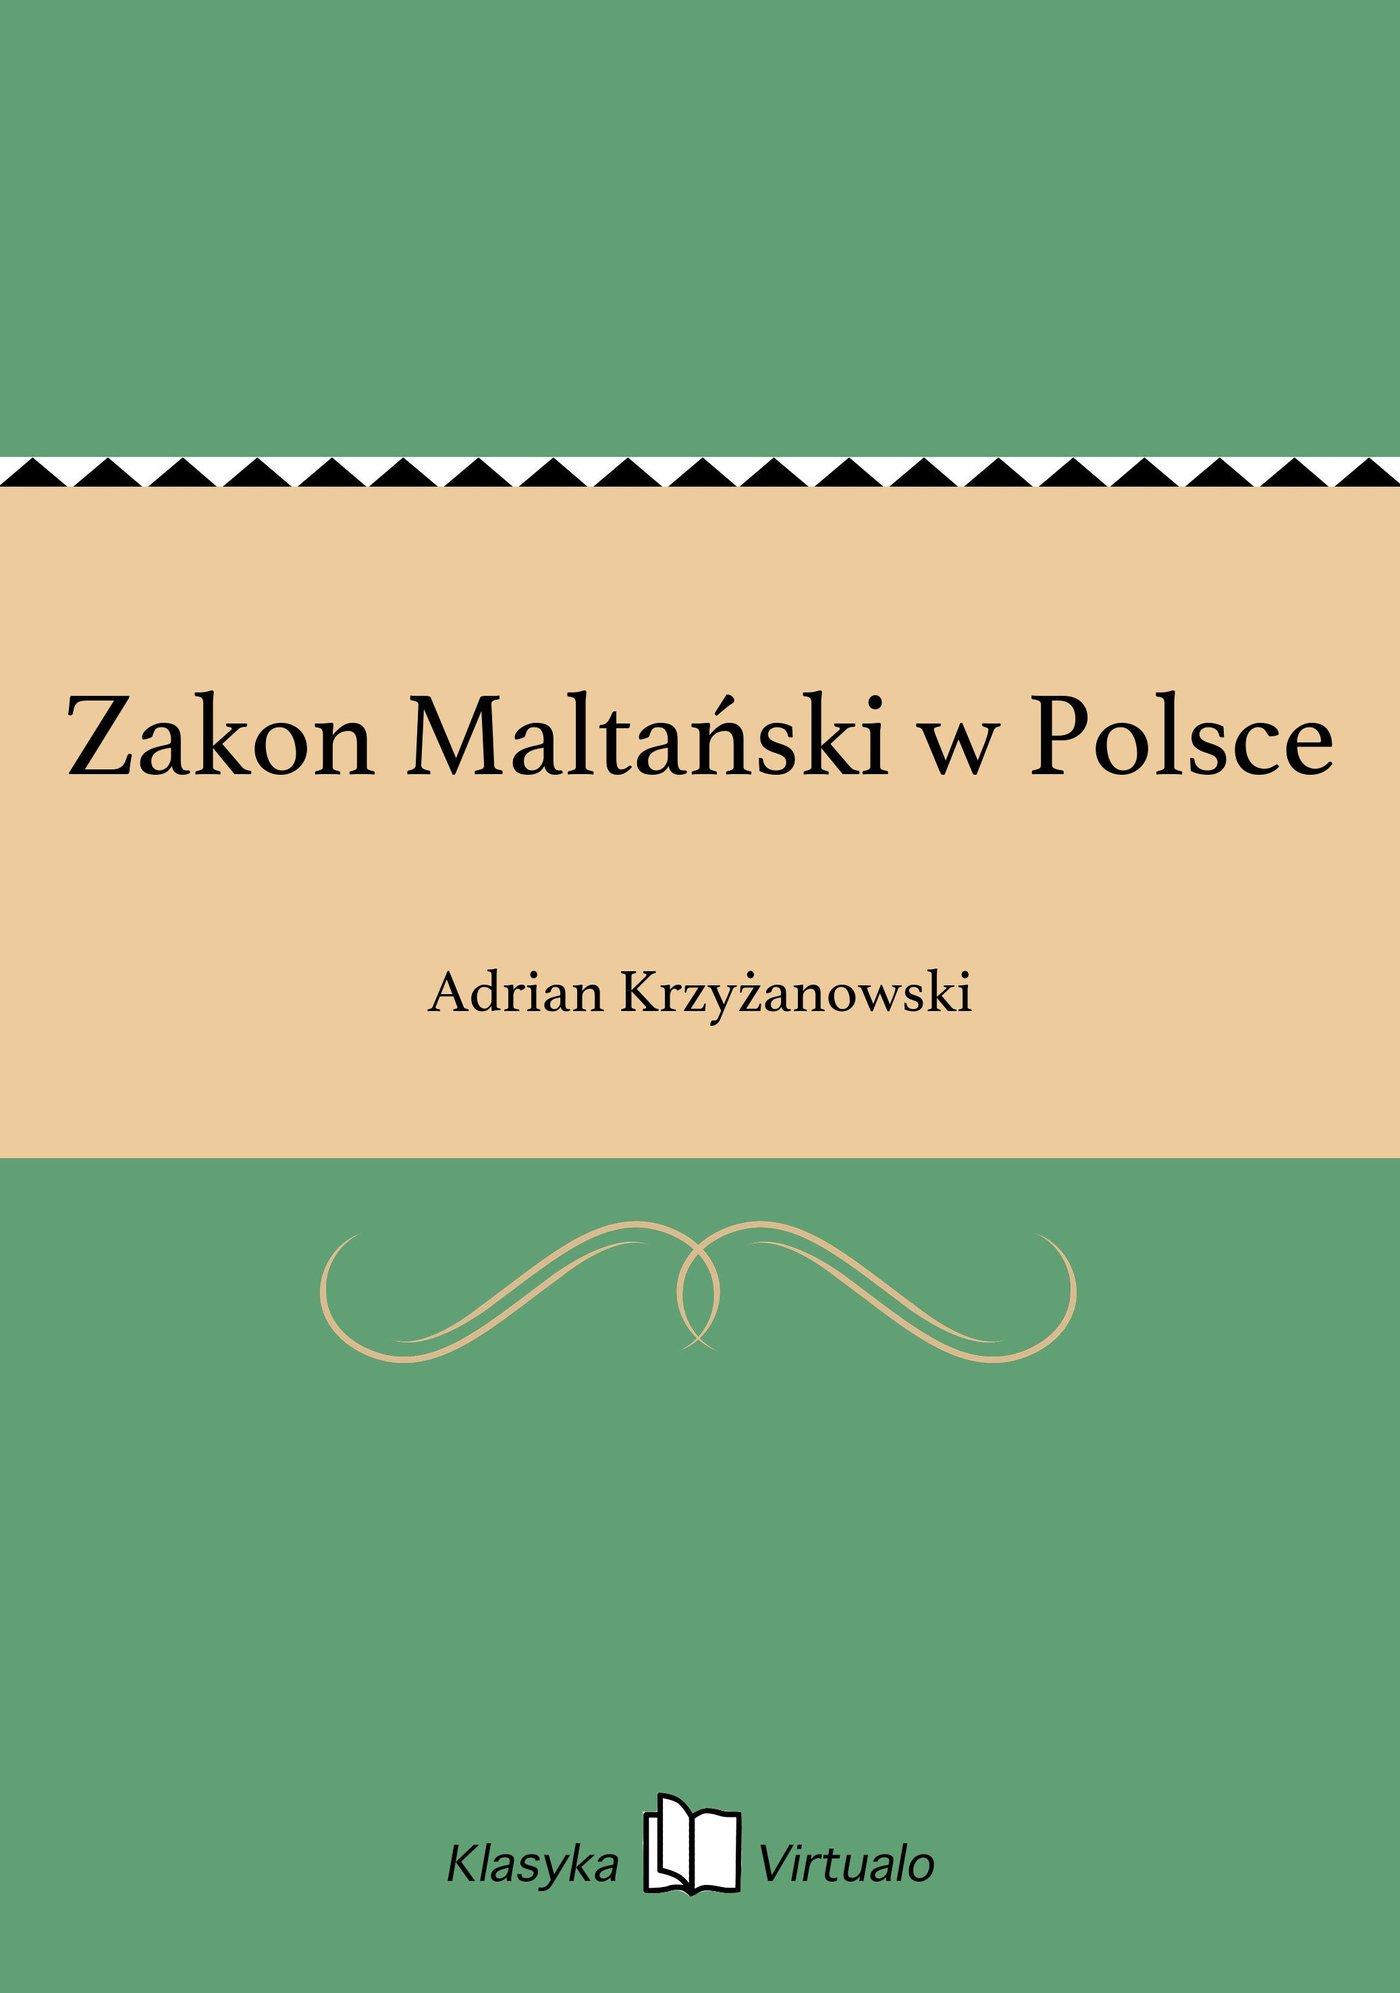 Zakon Maltański w Polsce - Ebook (Książka na Kindle) do pobrania w formacie MOBI